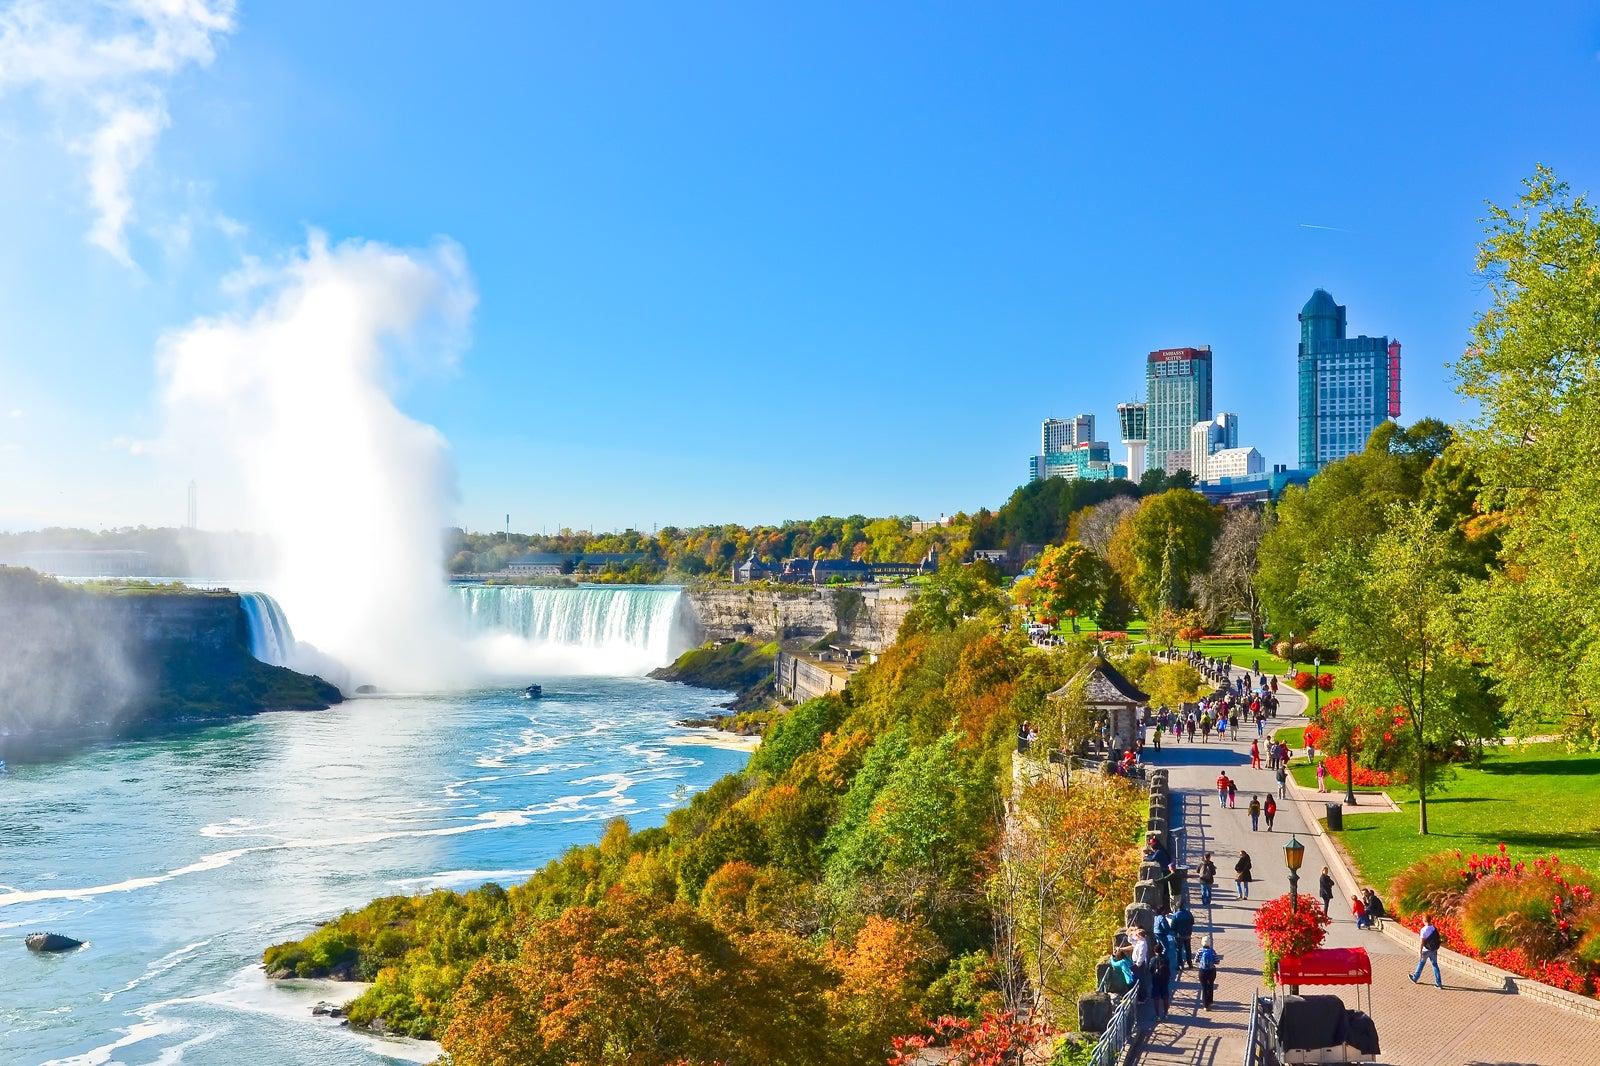 Toronto Niagara Falls